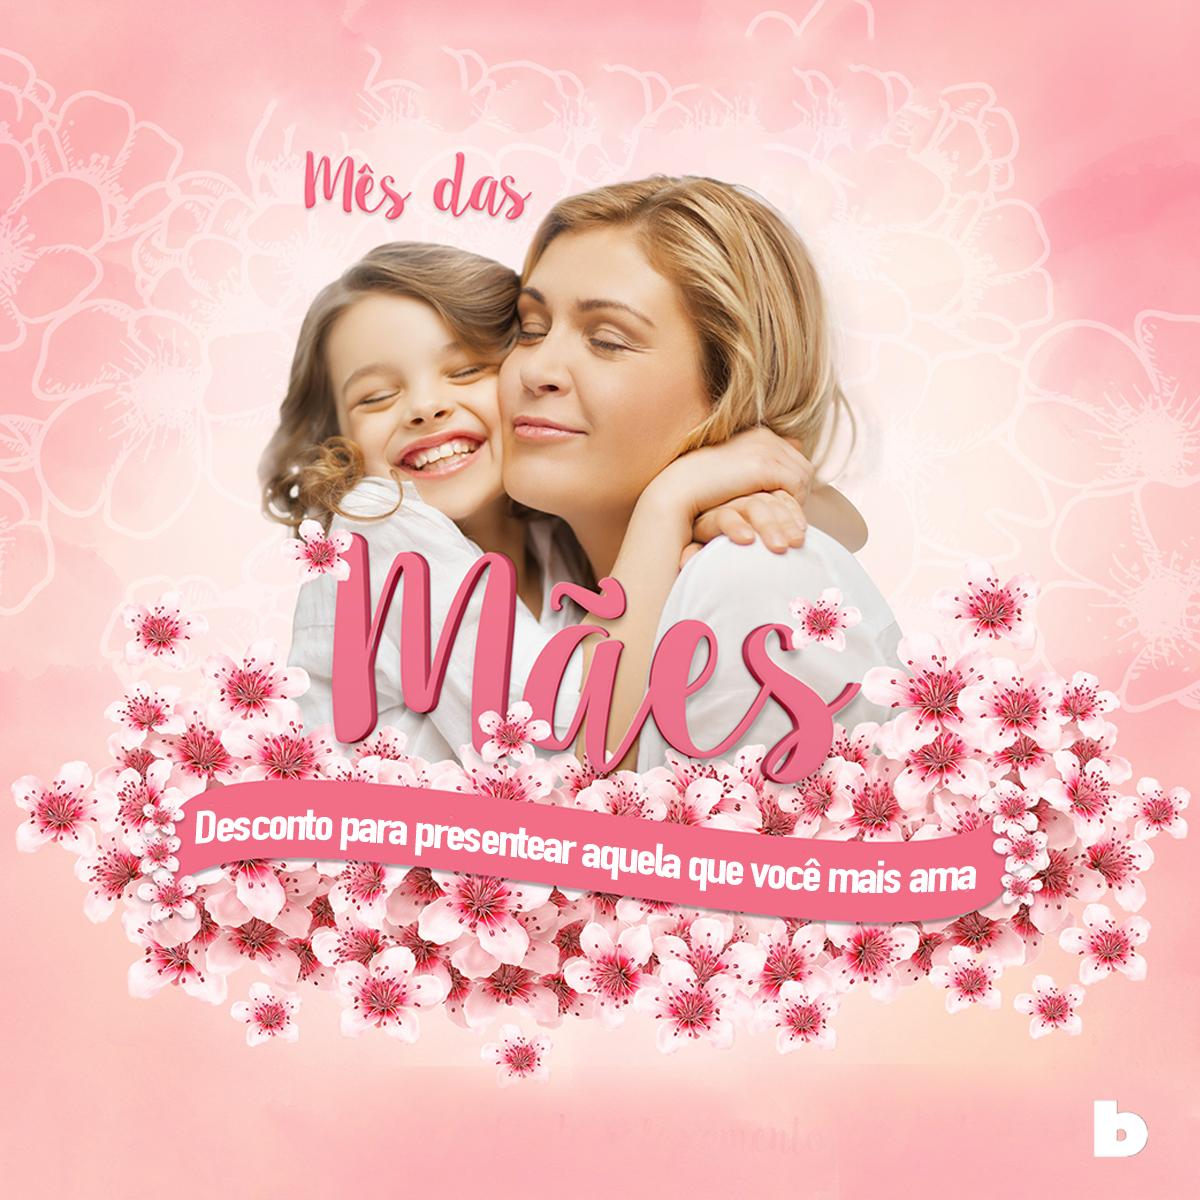 Mês das Mães Brasilazy